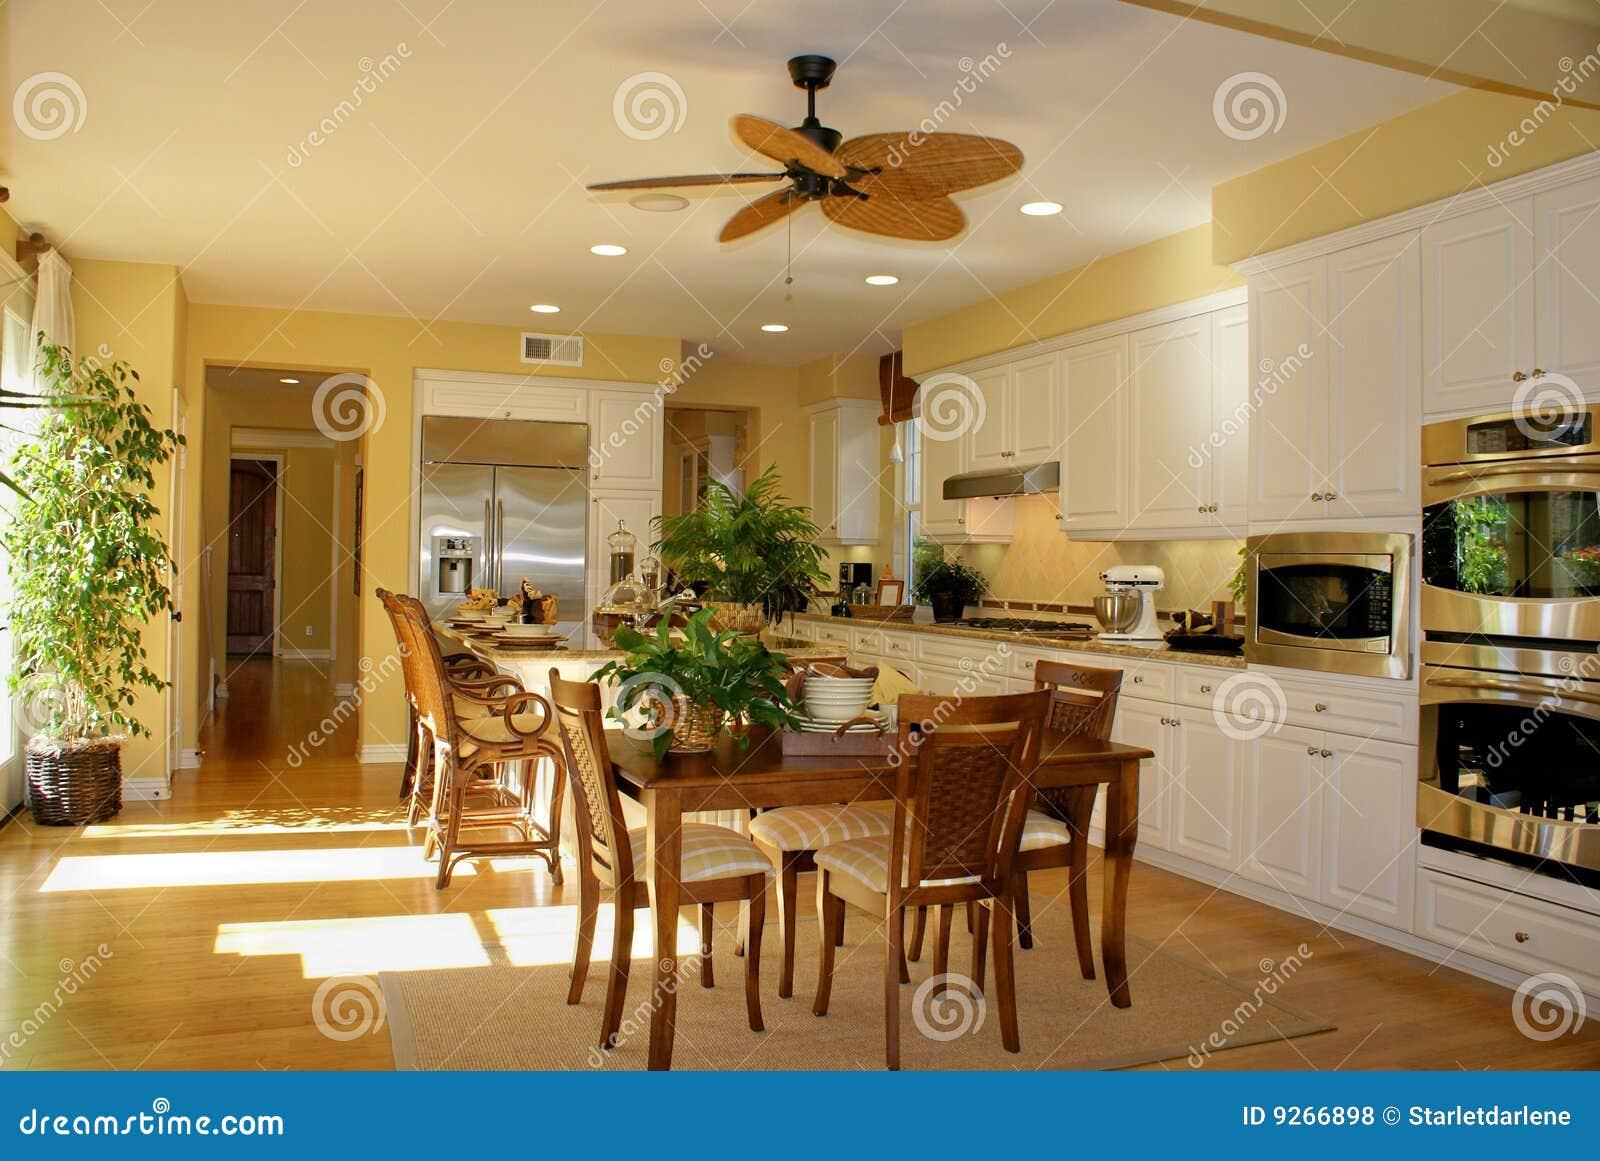 Parete Gialla Cucina : Bella cucina con le pareti gialle ed i ...